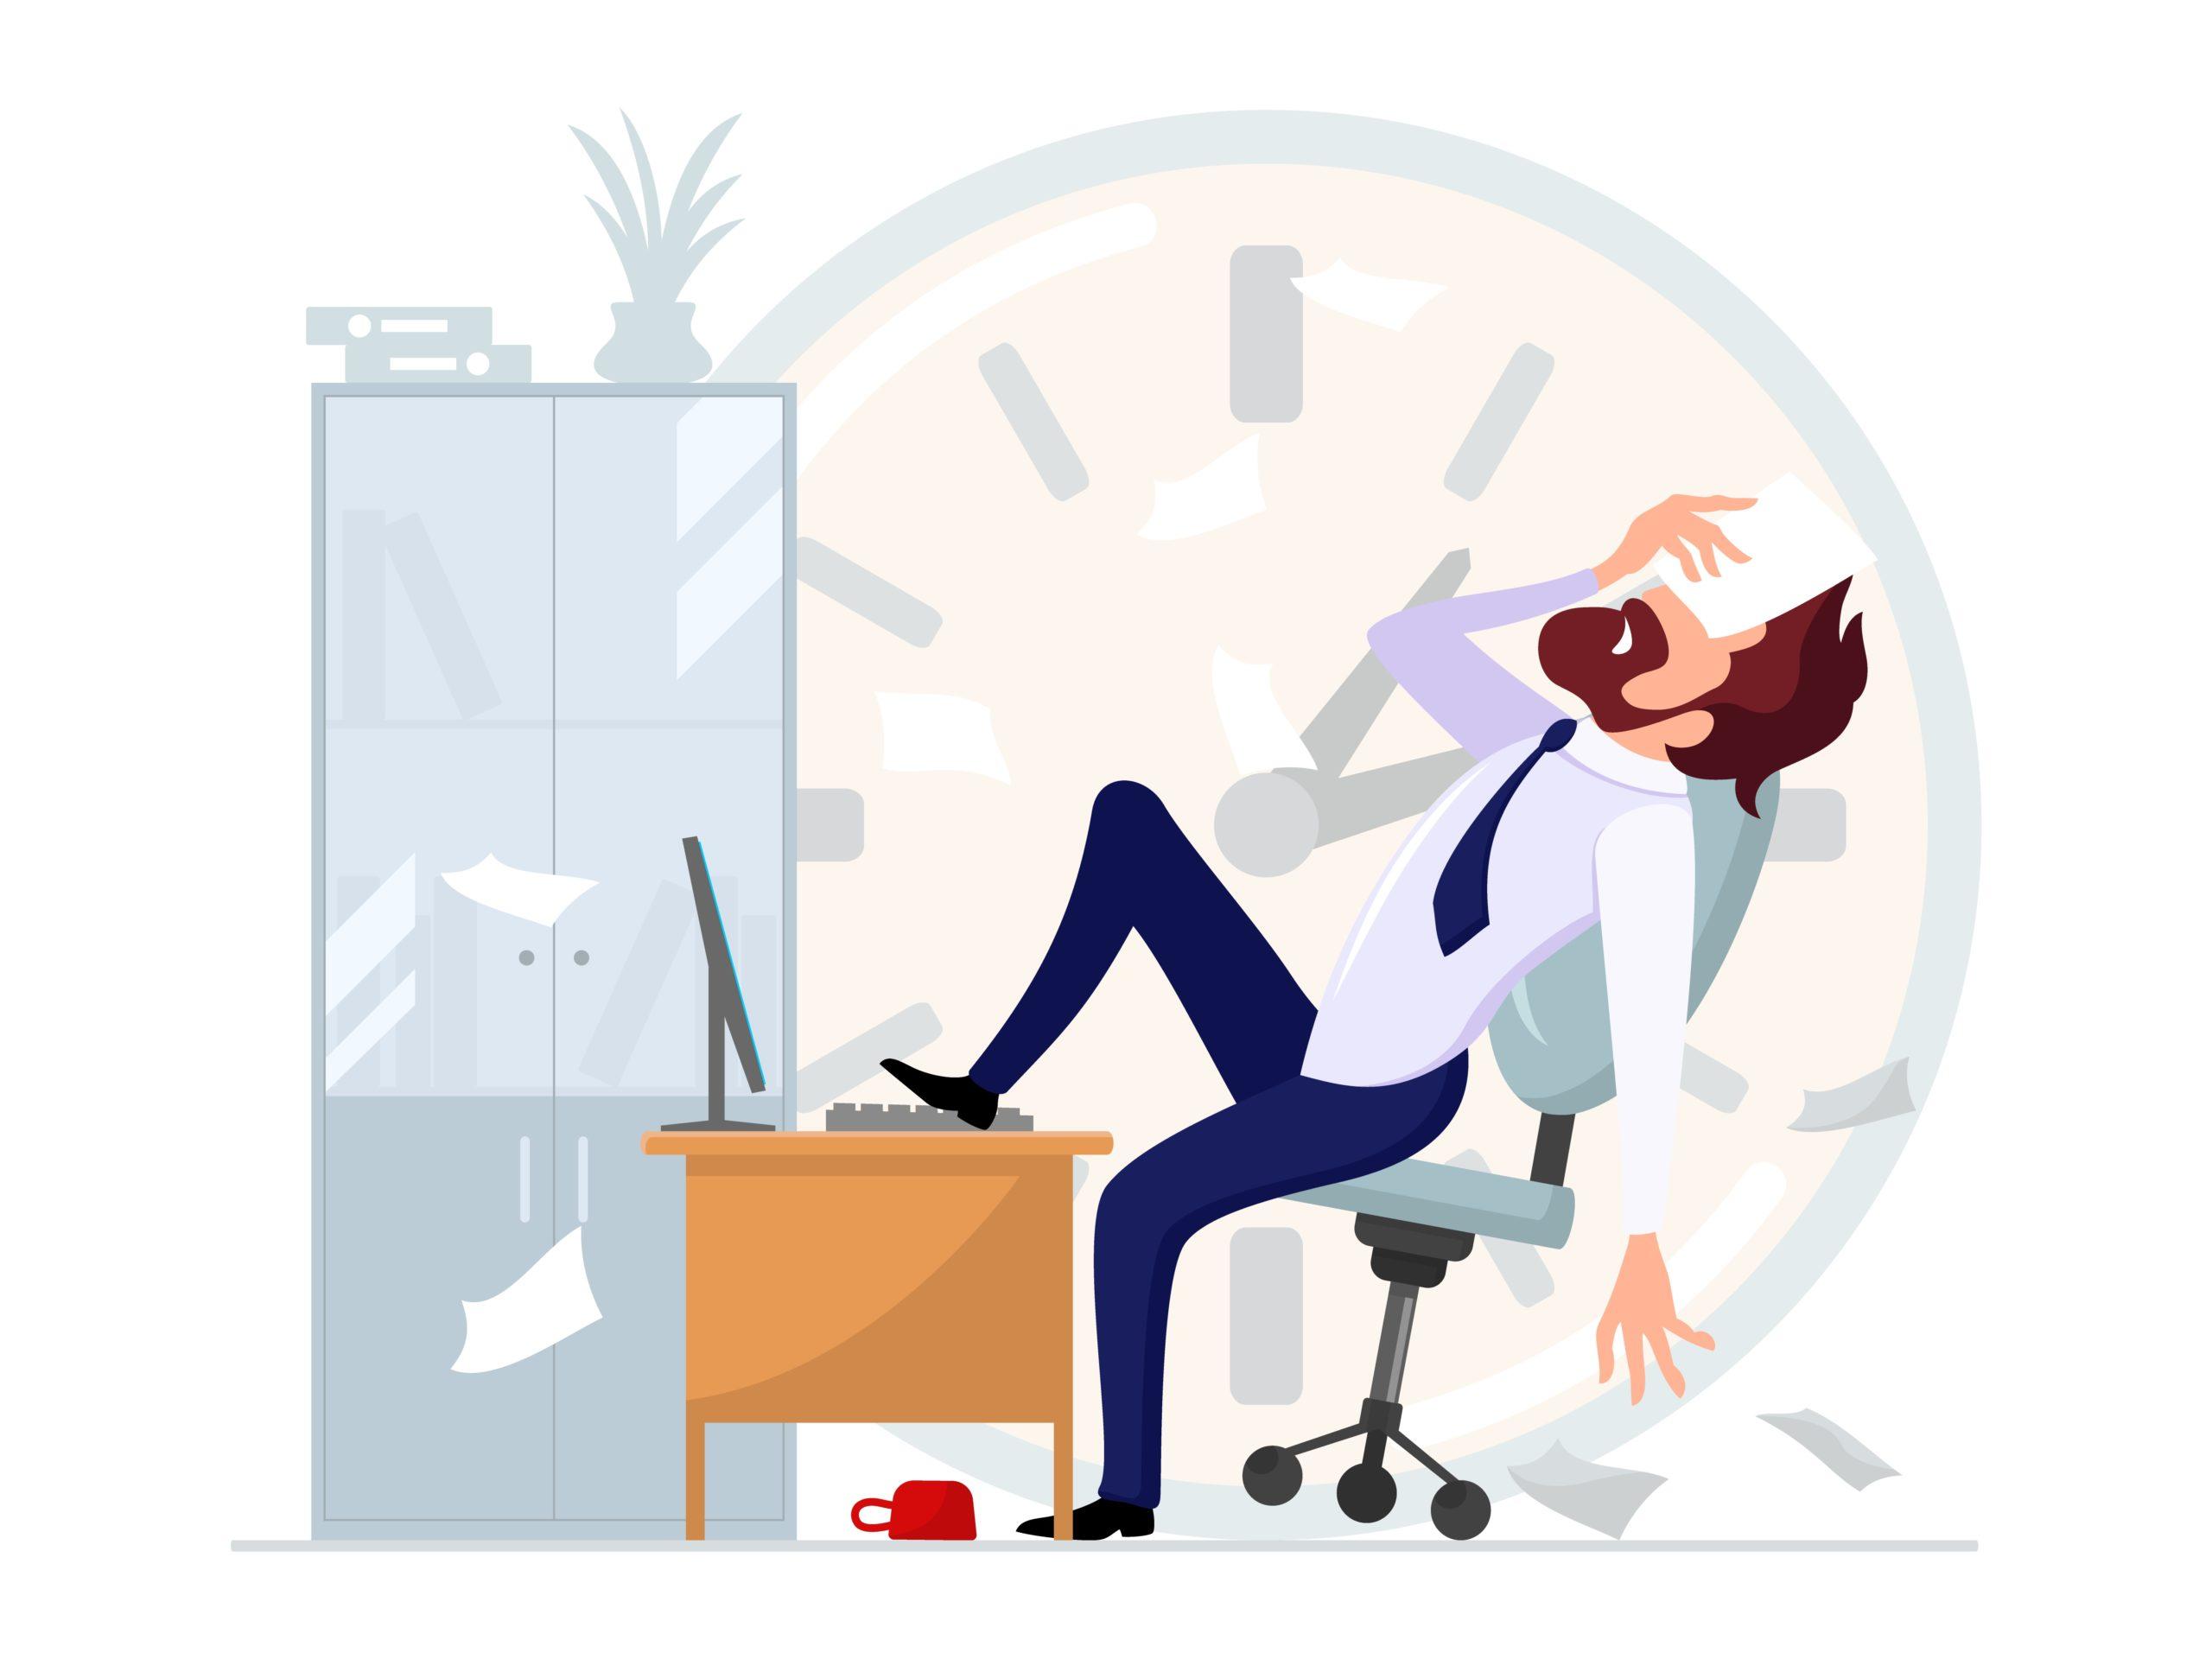 【仕事辞めたい人へ】 いつまでストレス感じながら働くつもり?【転職は簡単です】